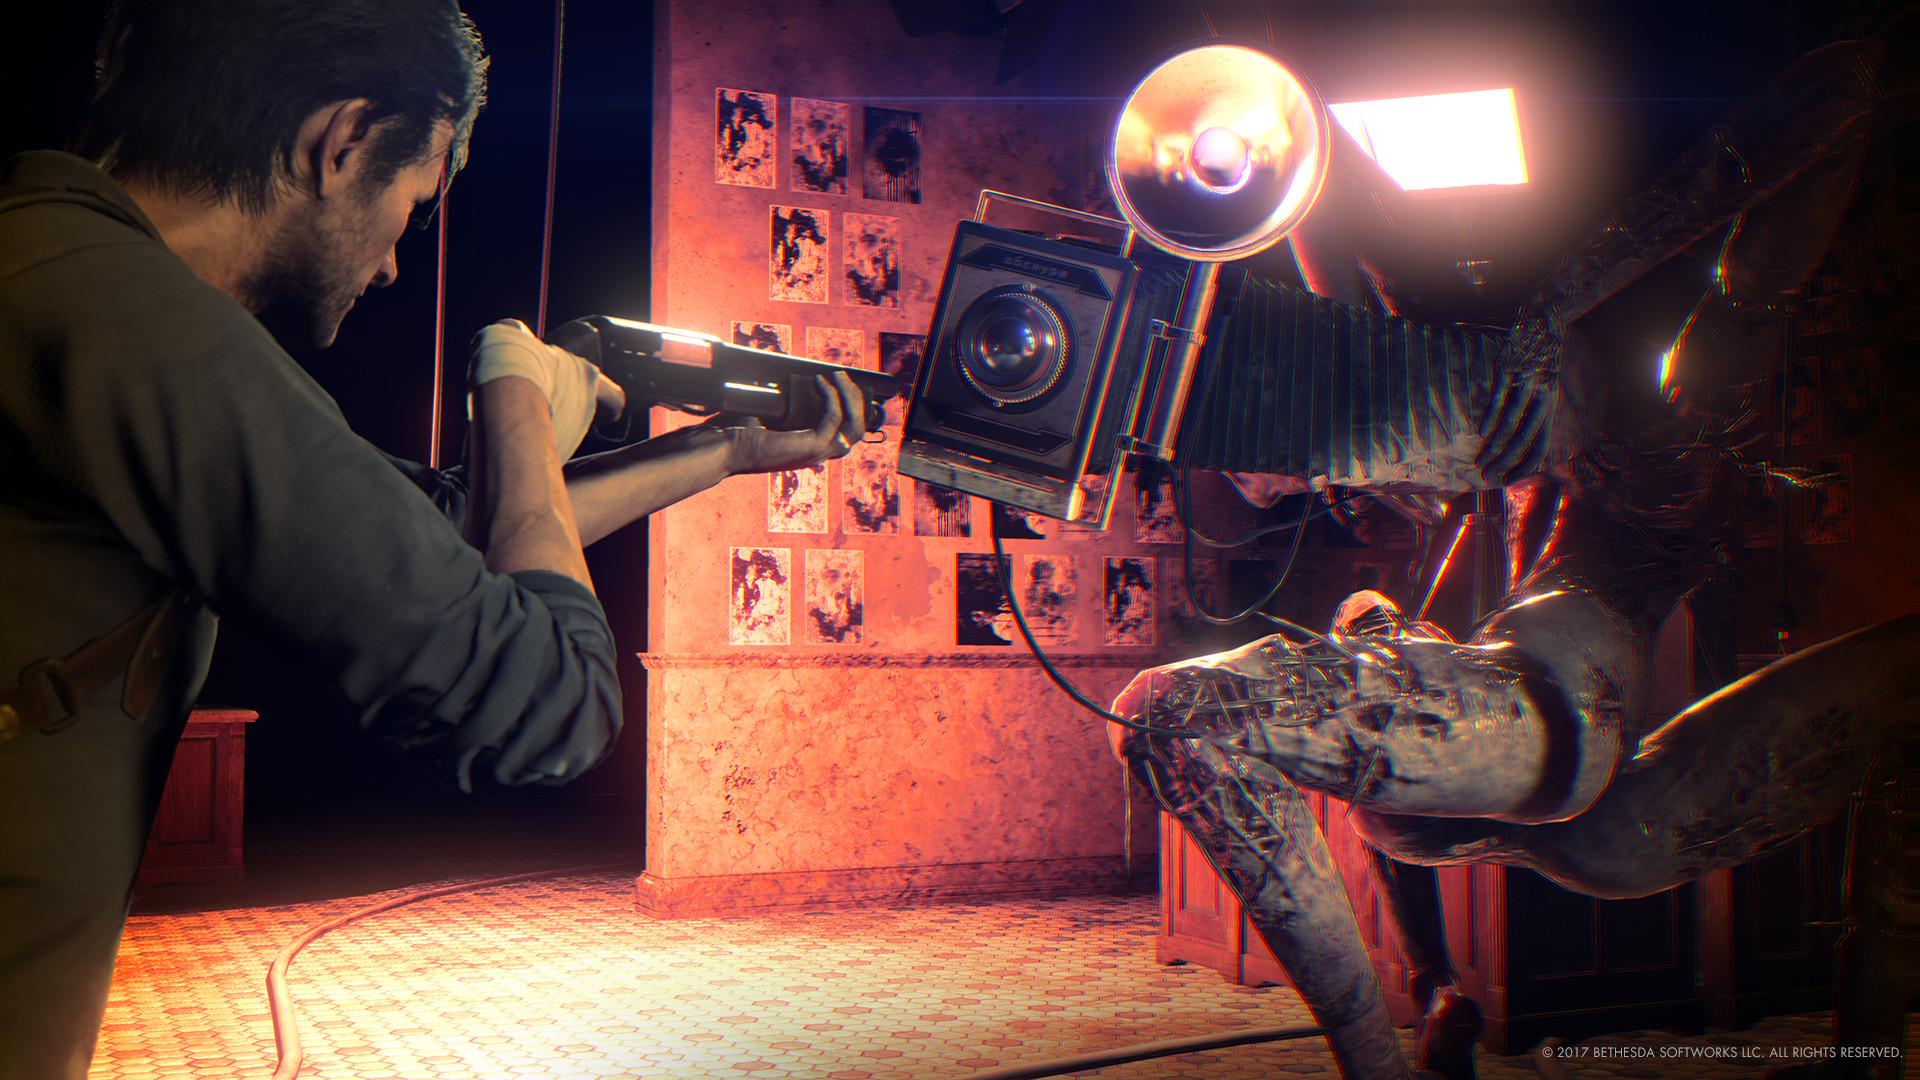 《恶灵附身2》日本评级出炉 直接18+更加凶残无比